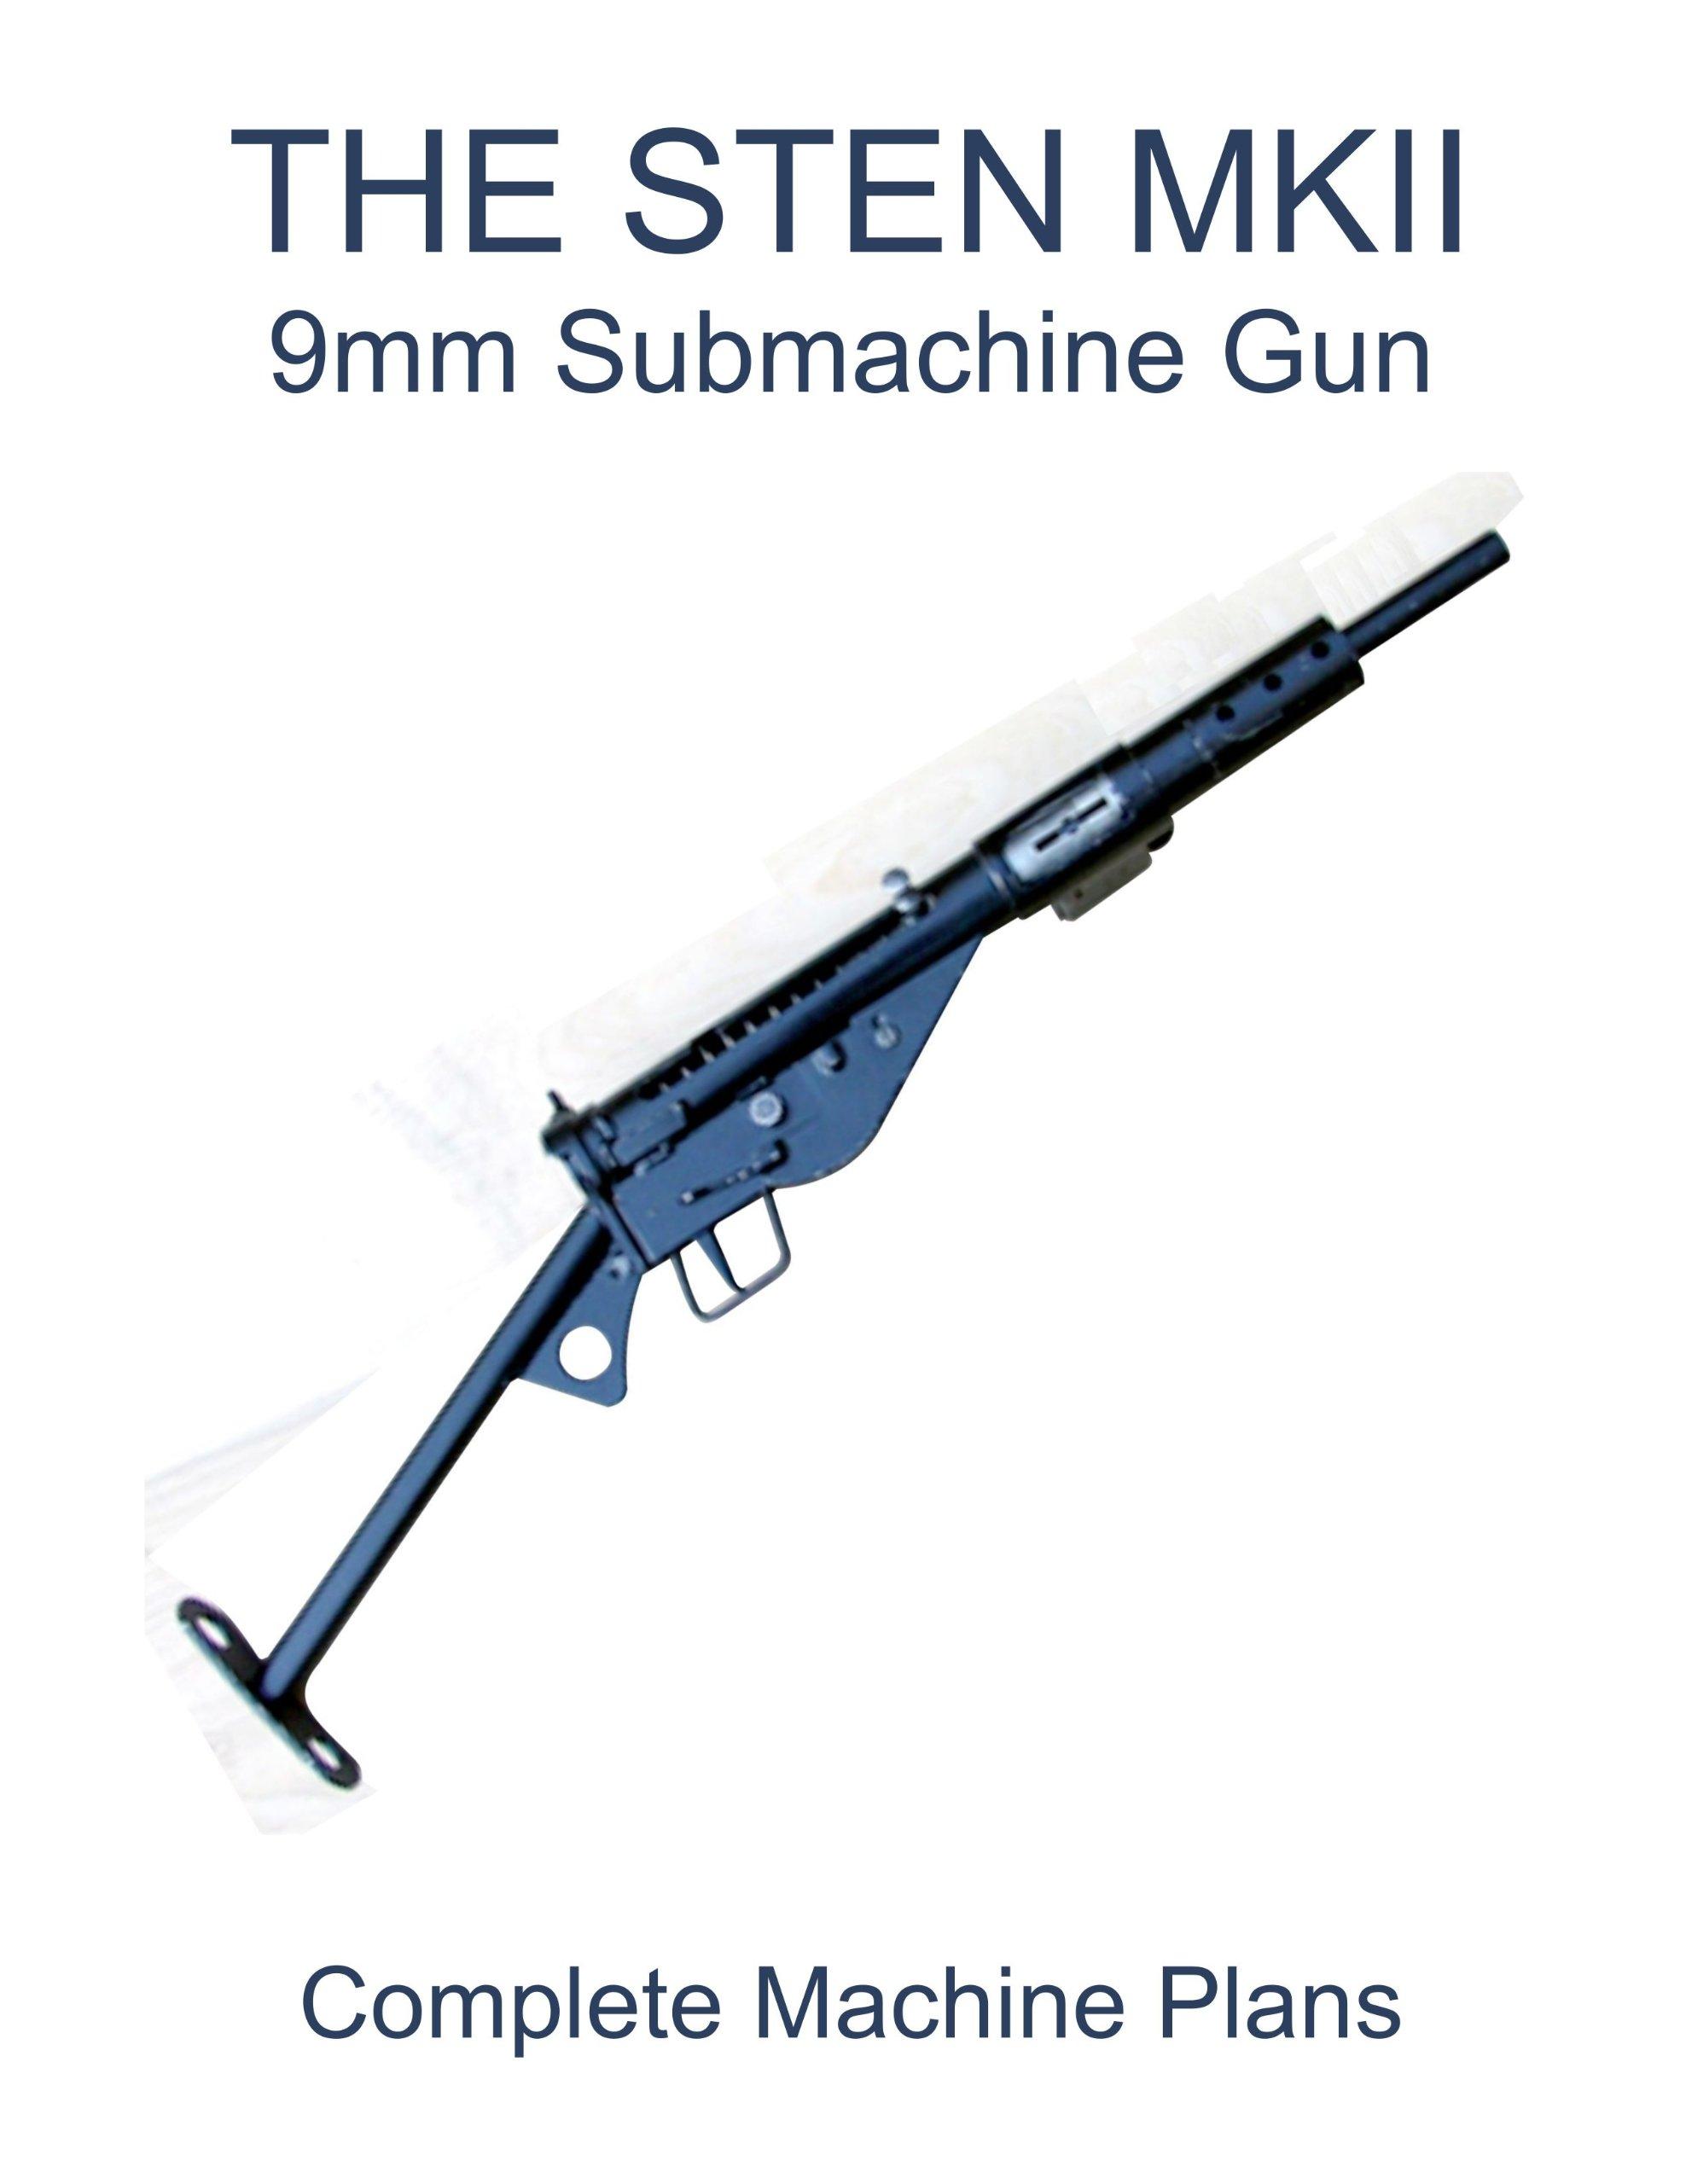 the sten mkii 9mm submachine gun complete machine plans reprints